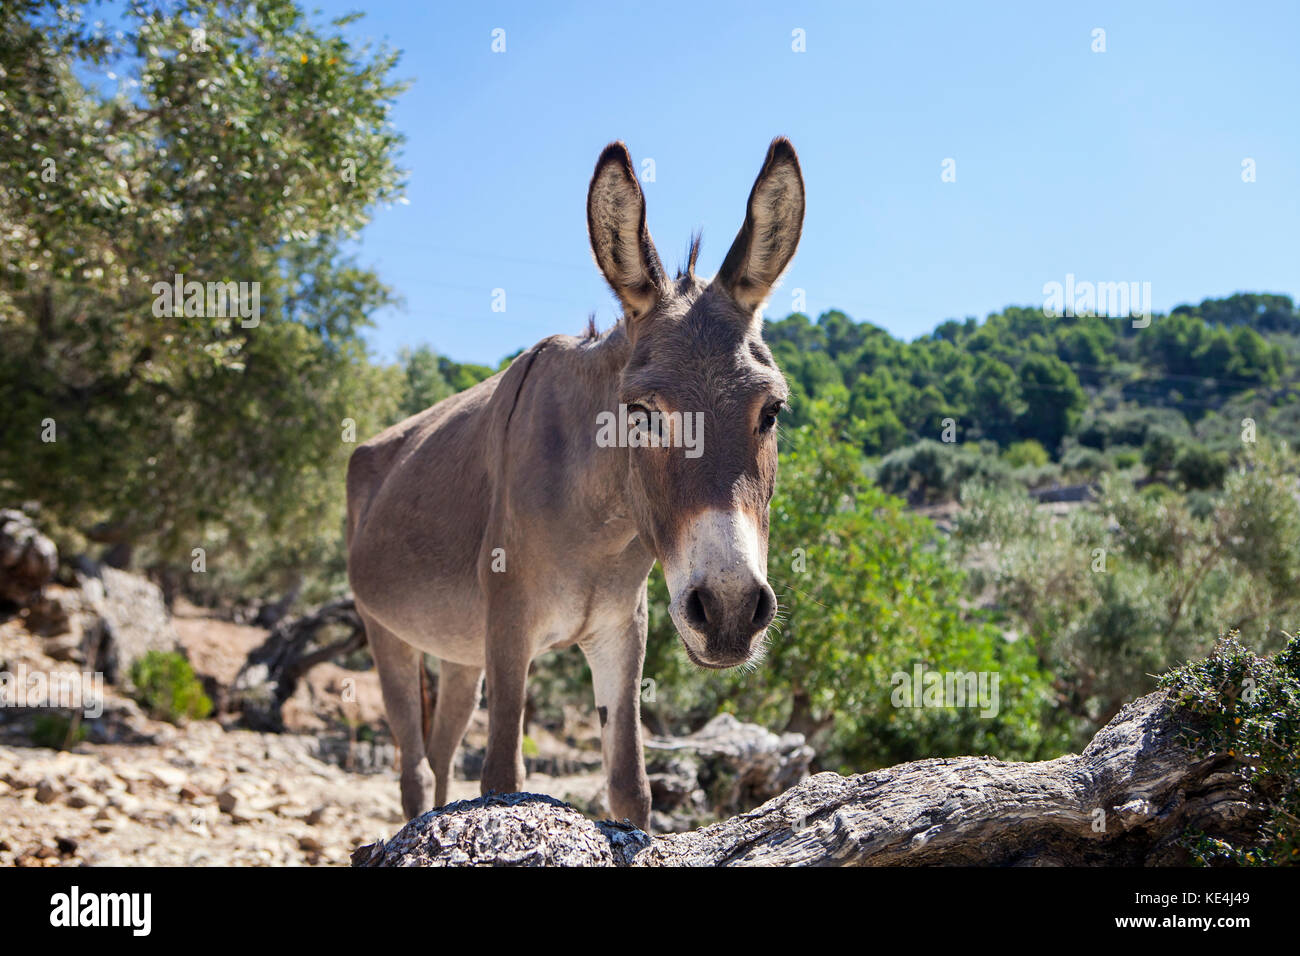 Donkey  in olive grove in Majorca, Spain - Stock Image